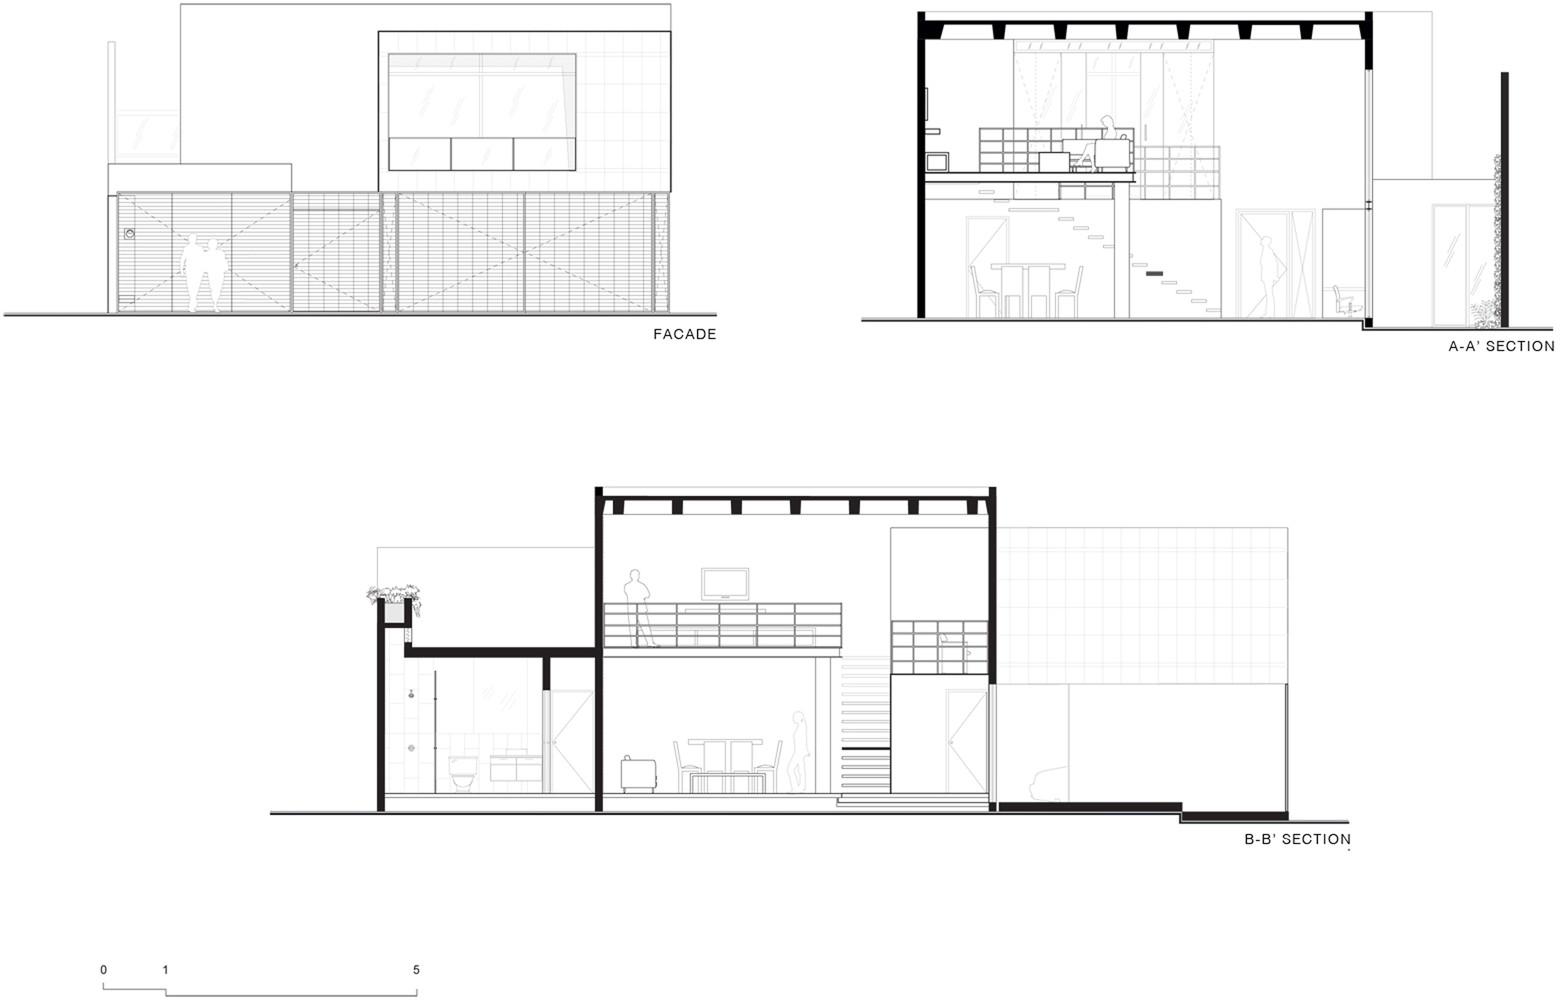 5 Hal Yang Harus Diperhatikan Saat Membuat Sketsa Bangunan